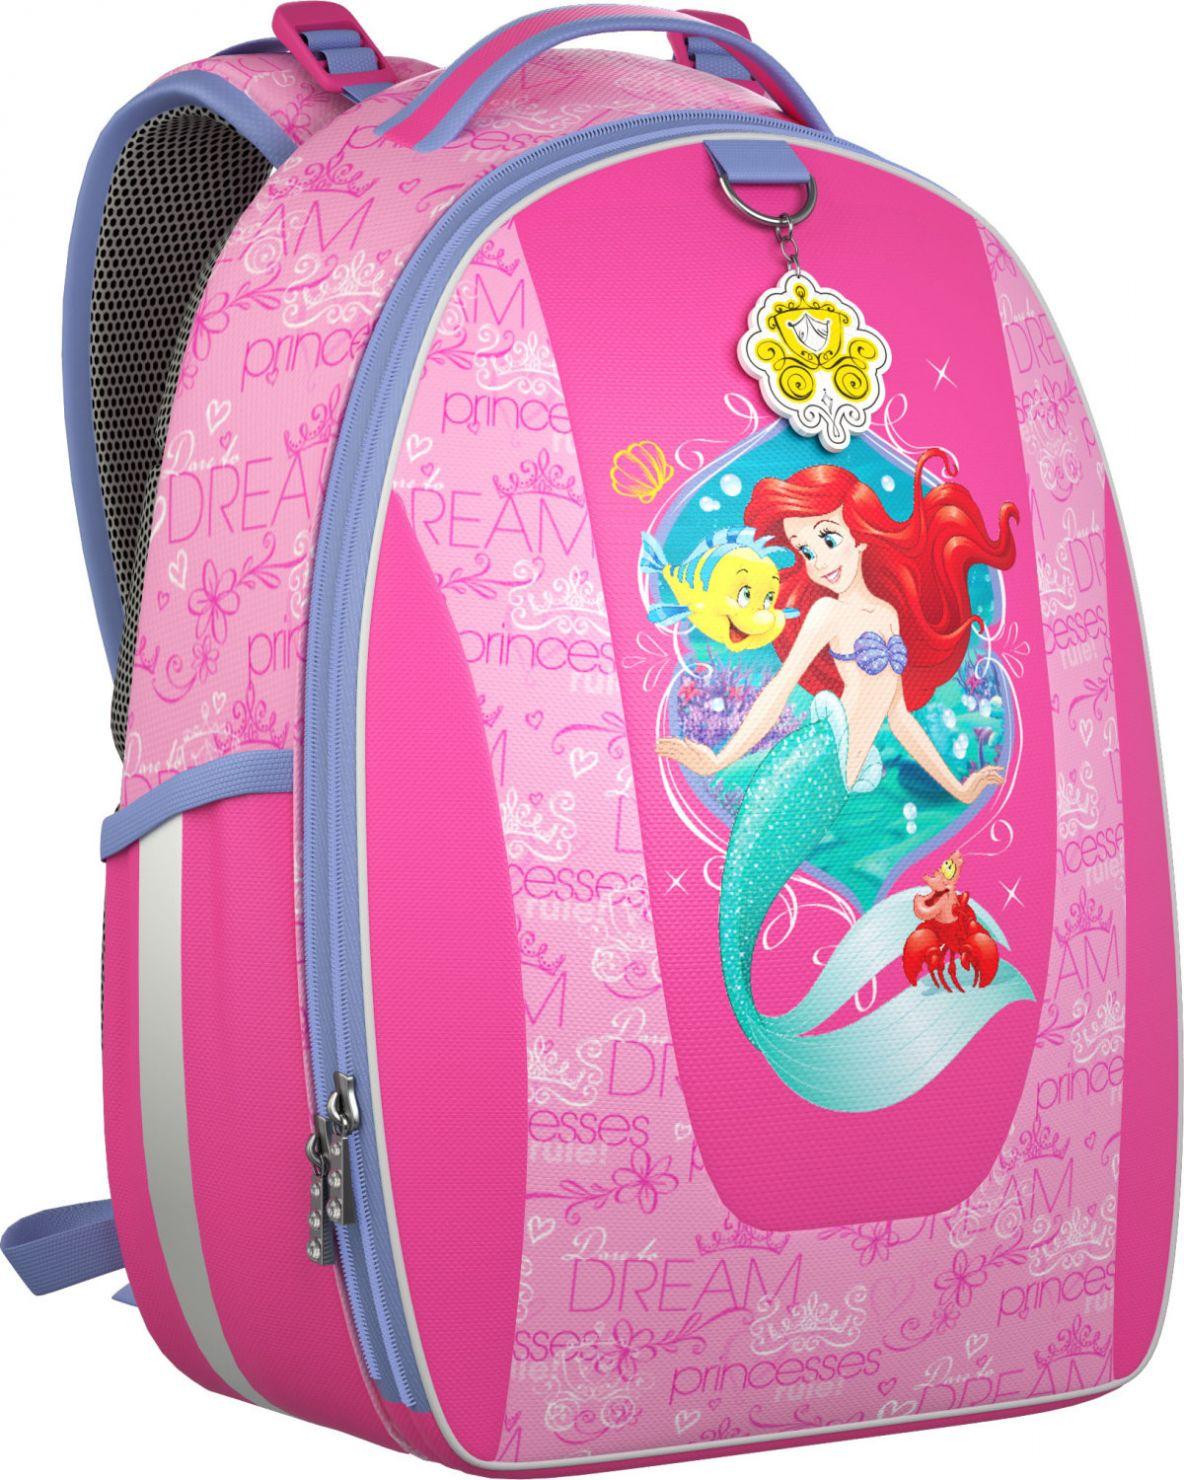 Купить Рюкзак Принцессы Королевский бал Erich Krause для девочек Розовый 42302, ErichKrause, Школьные рюкзаки для девочек